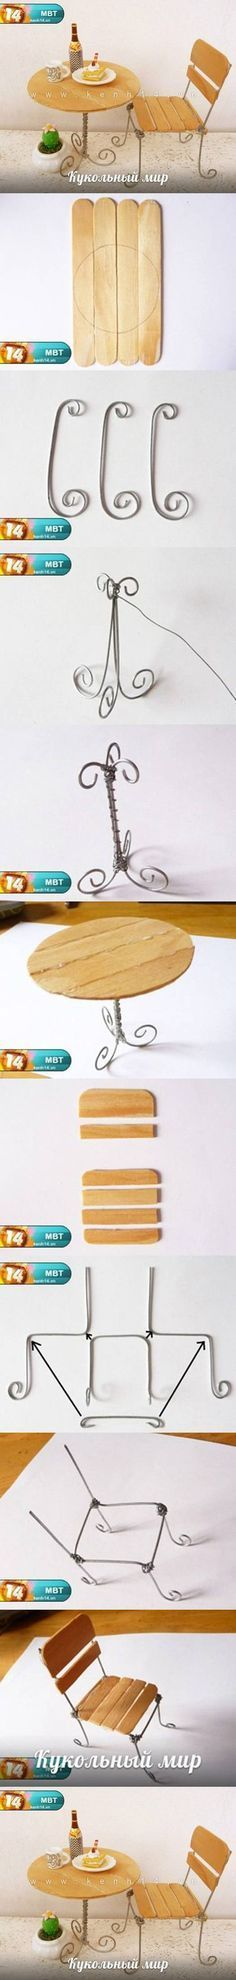 """DIY Popsicle palo Escritorio y silla DIY Proyectos / <a href=""""http://UsefulDIY.com"""" rel=""""nofollow"""" target=""""_blank"""">UsefulDIY.com</a>"""